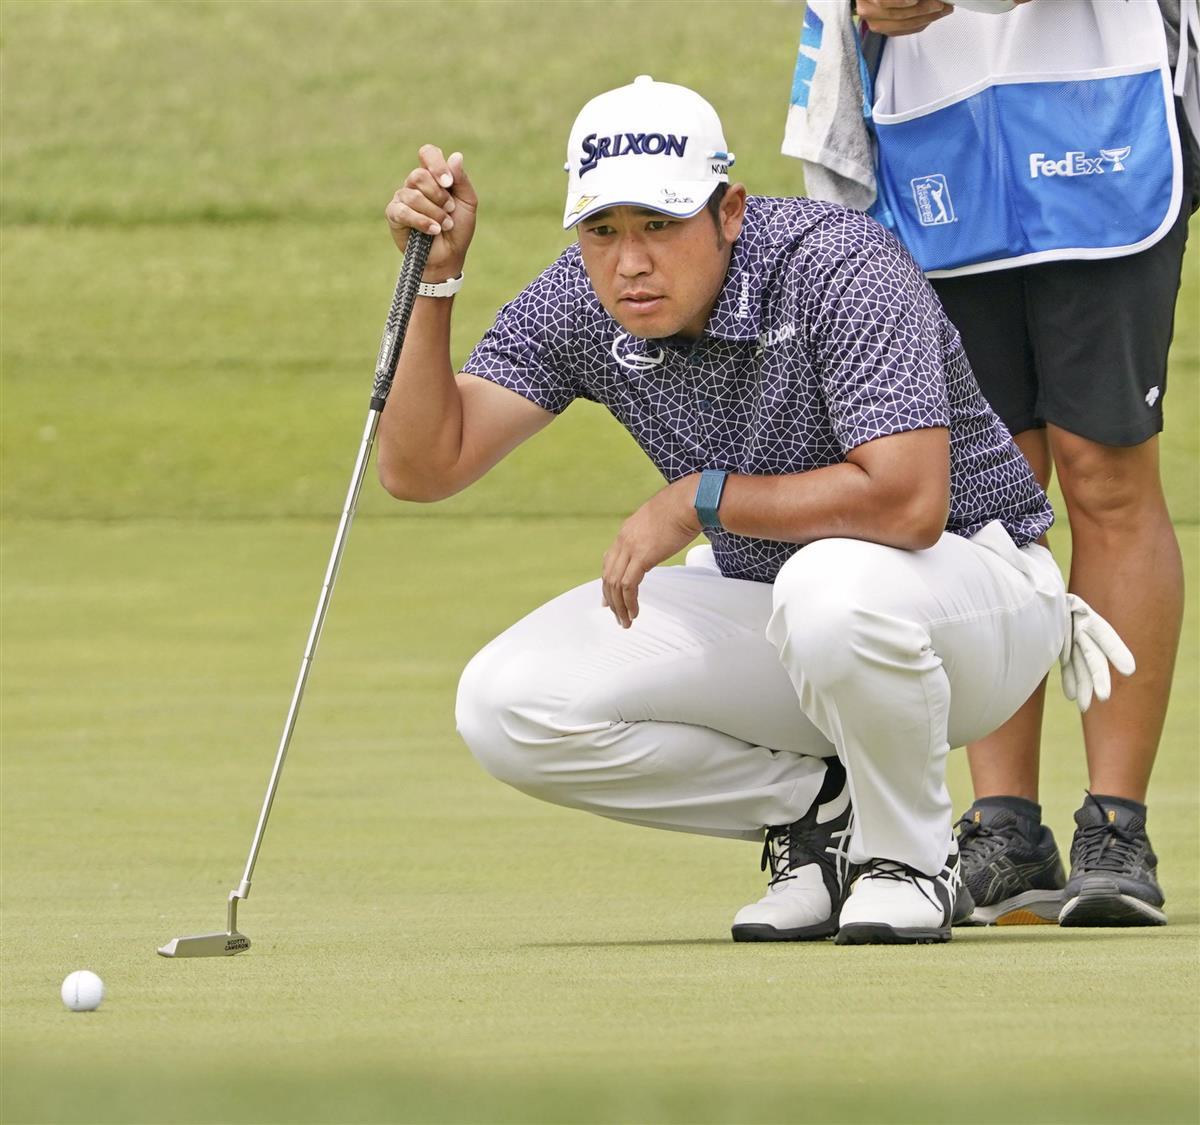 松山、小平とも53位で決勝Rへ 米男子ゴルフ第2日